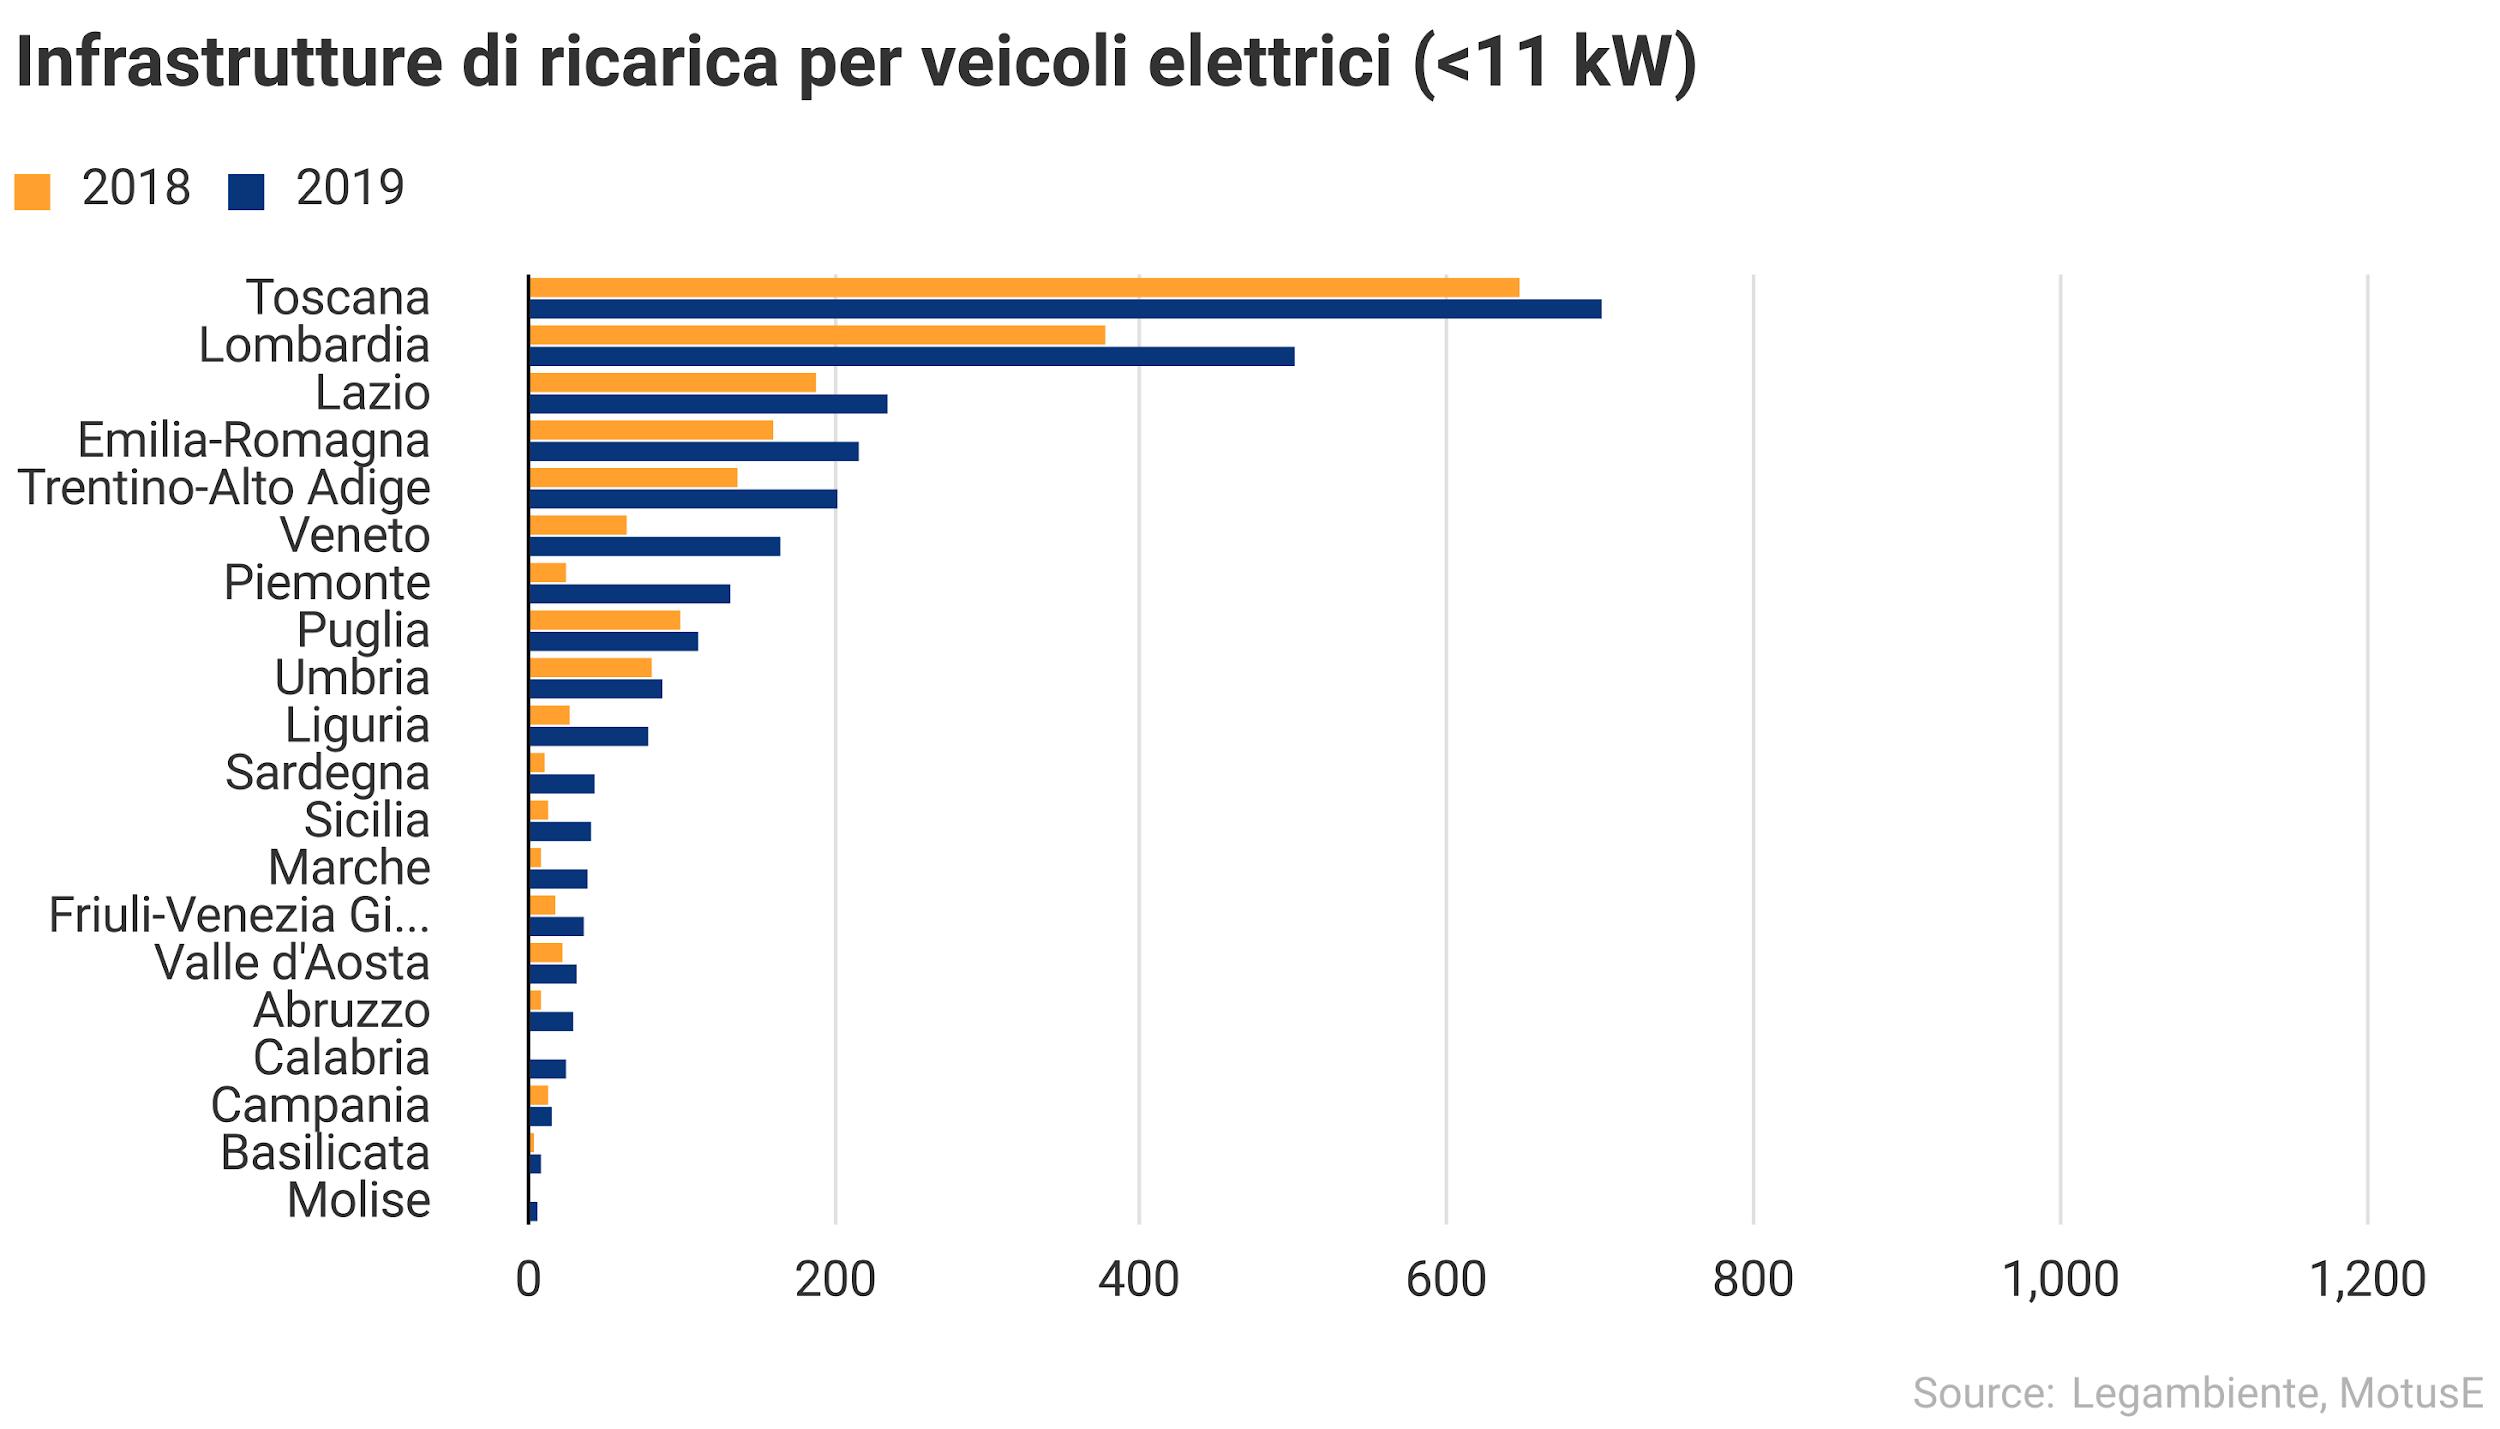 Infrastrutture di ricarica per veicoli elettrici minori 11kW